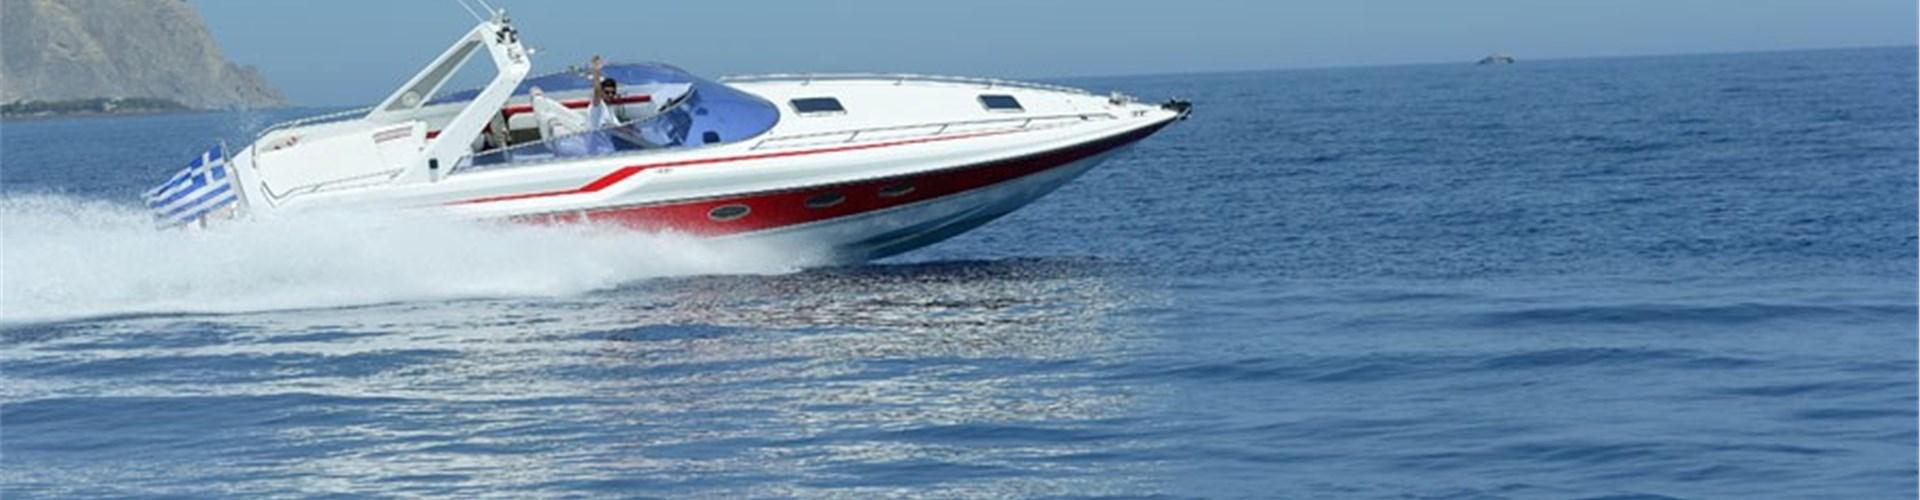 Photo of Speedboat Sunseeker 37 Heaven Can Wait